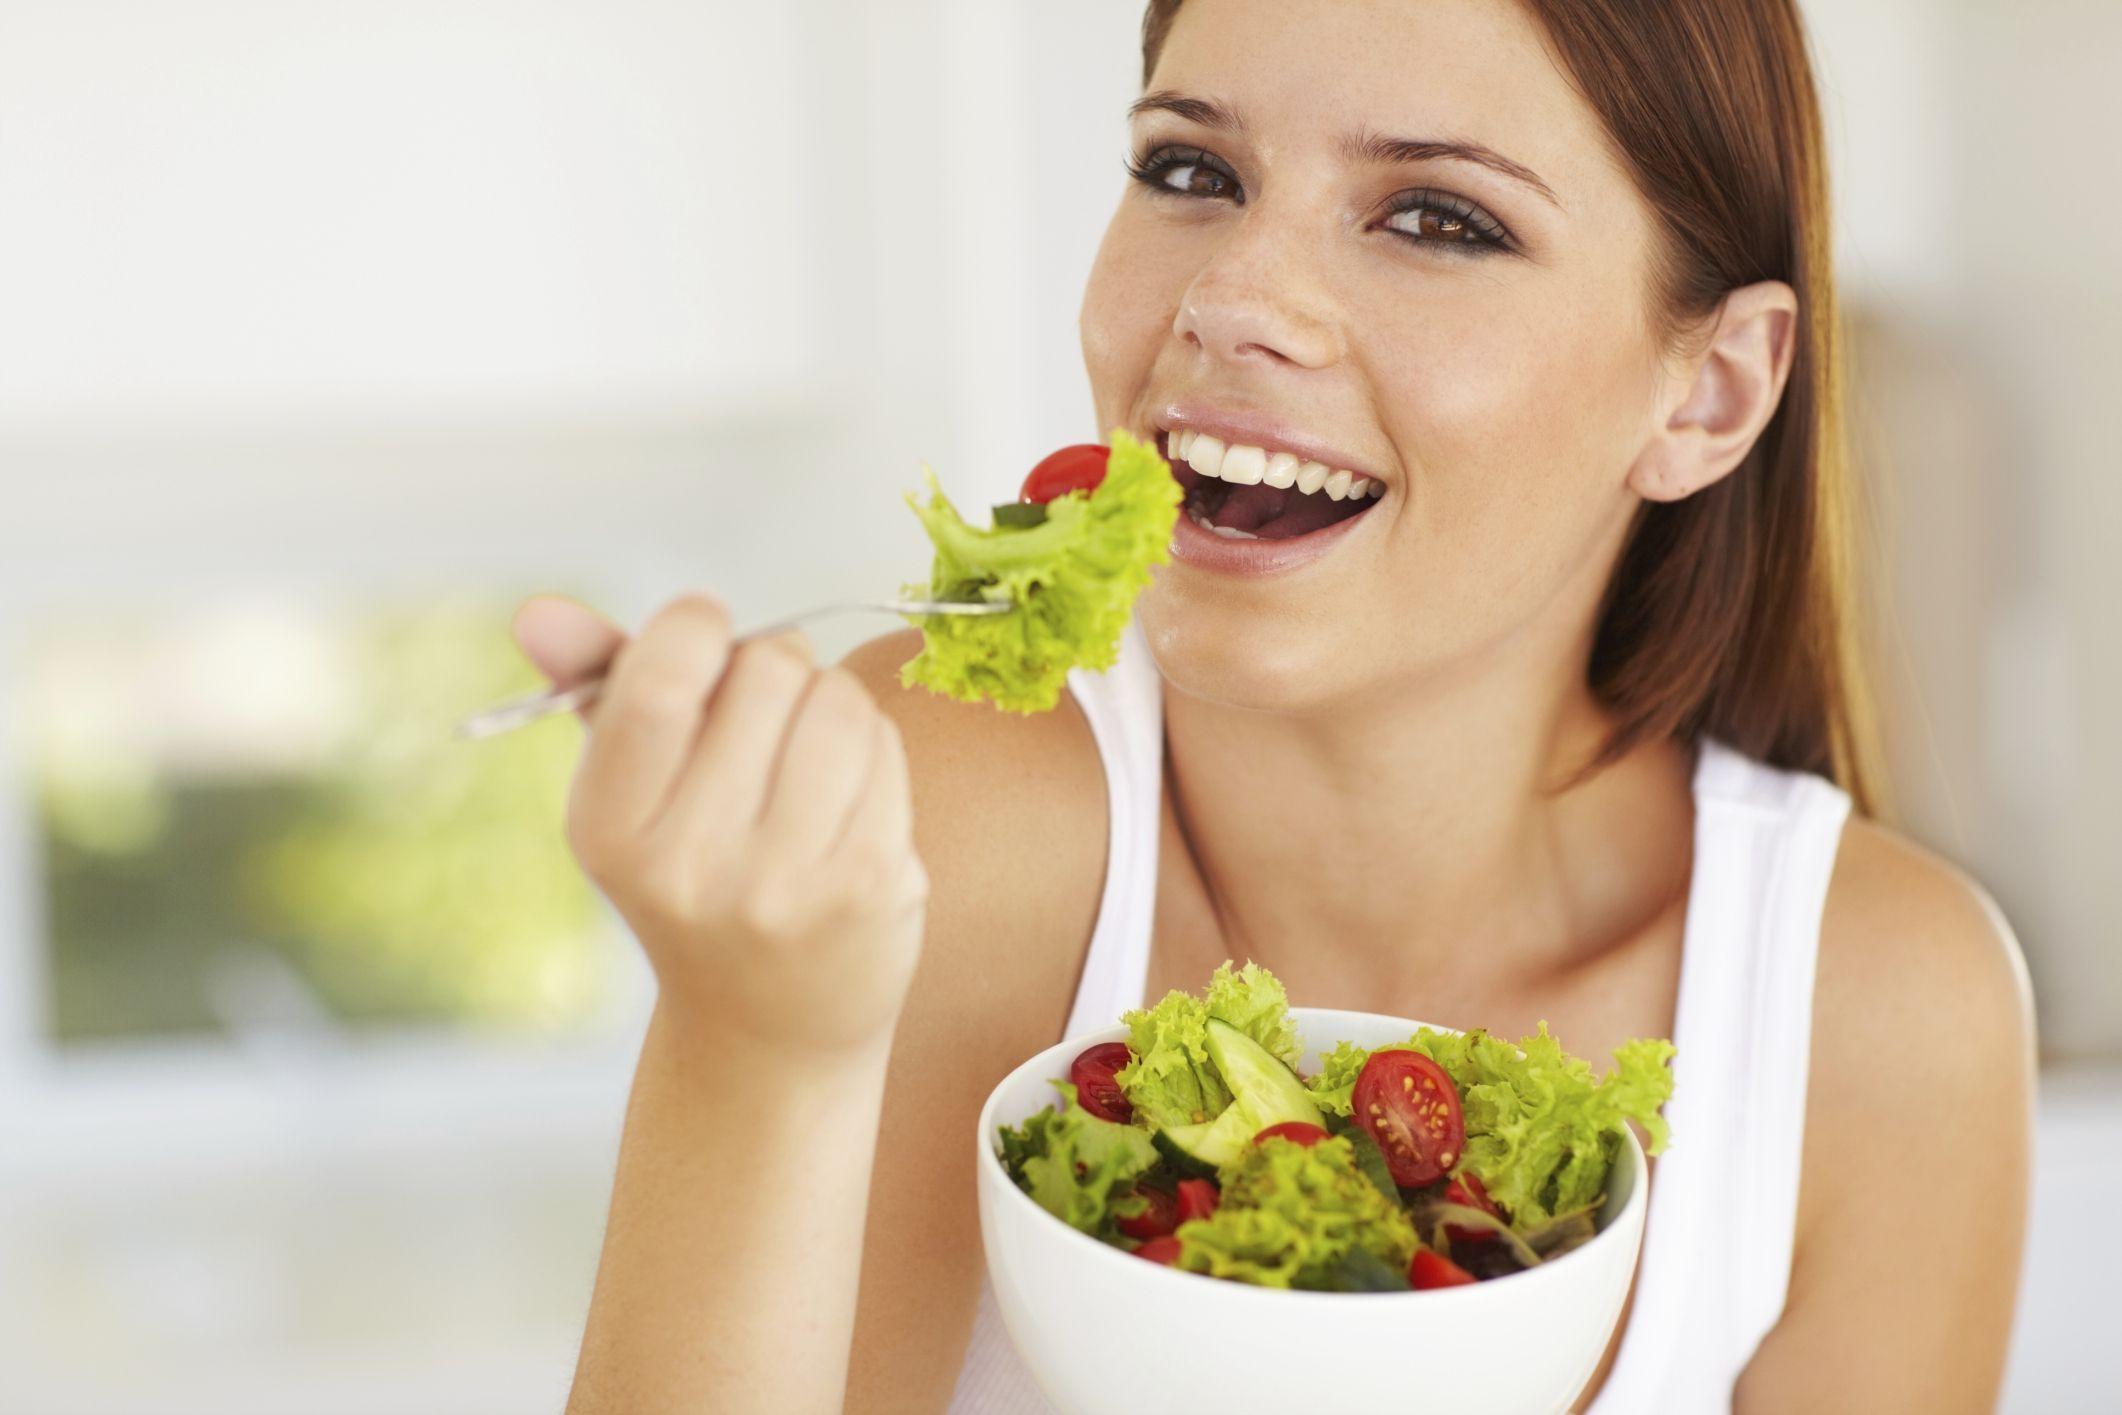 Рацион Для Похудения 15 Лет. Как похудеть подростку 13–16 лет, советы диетологов и меню для правильного питания